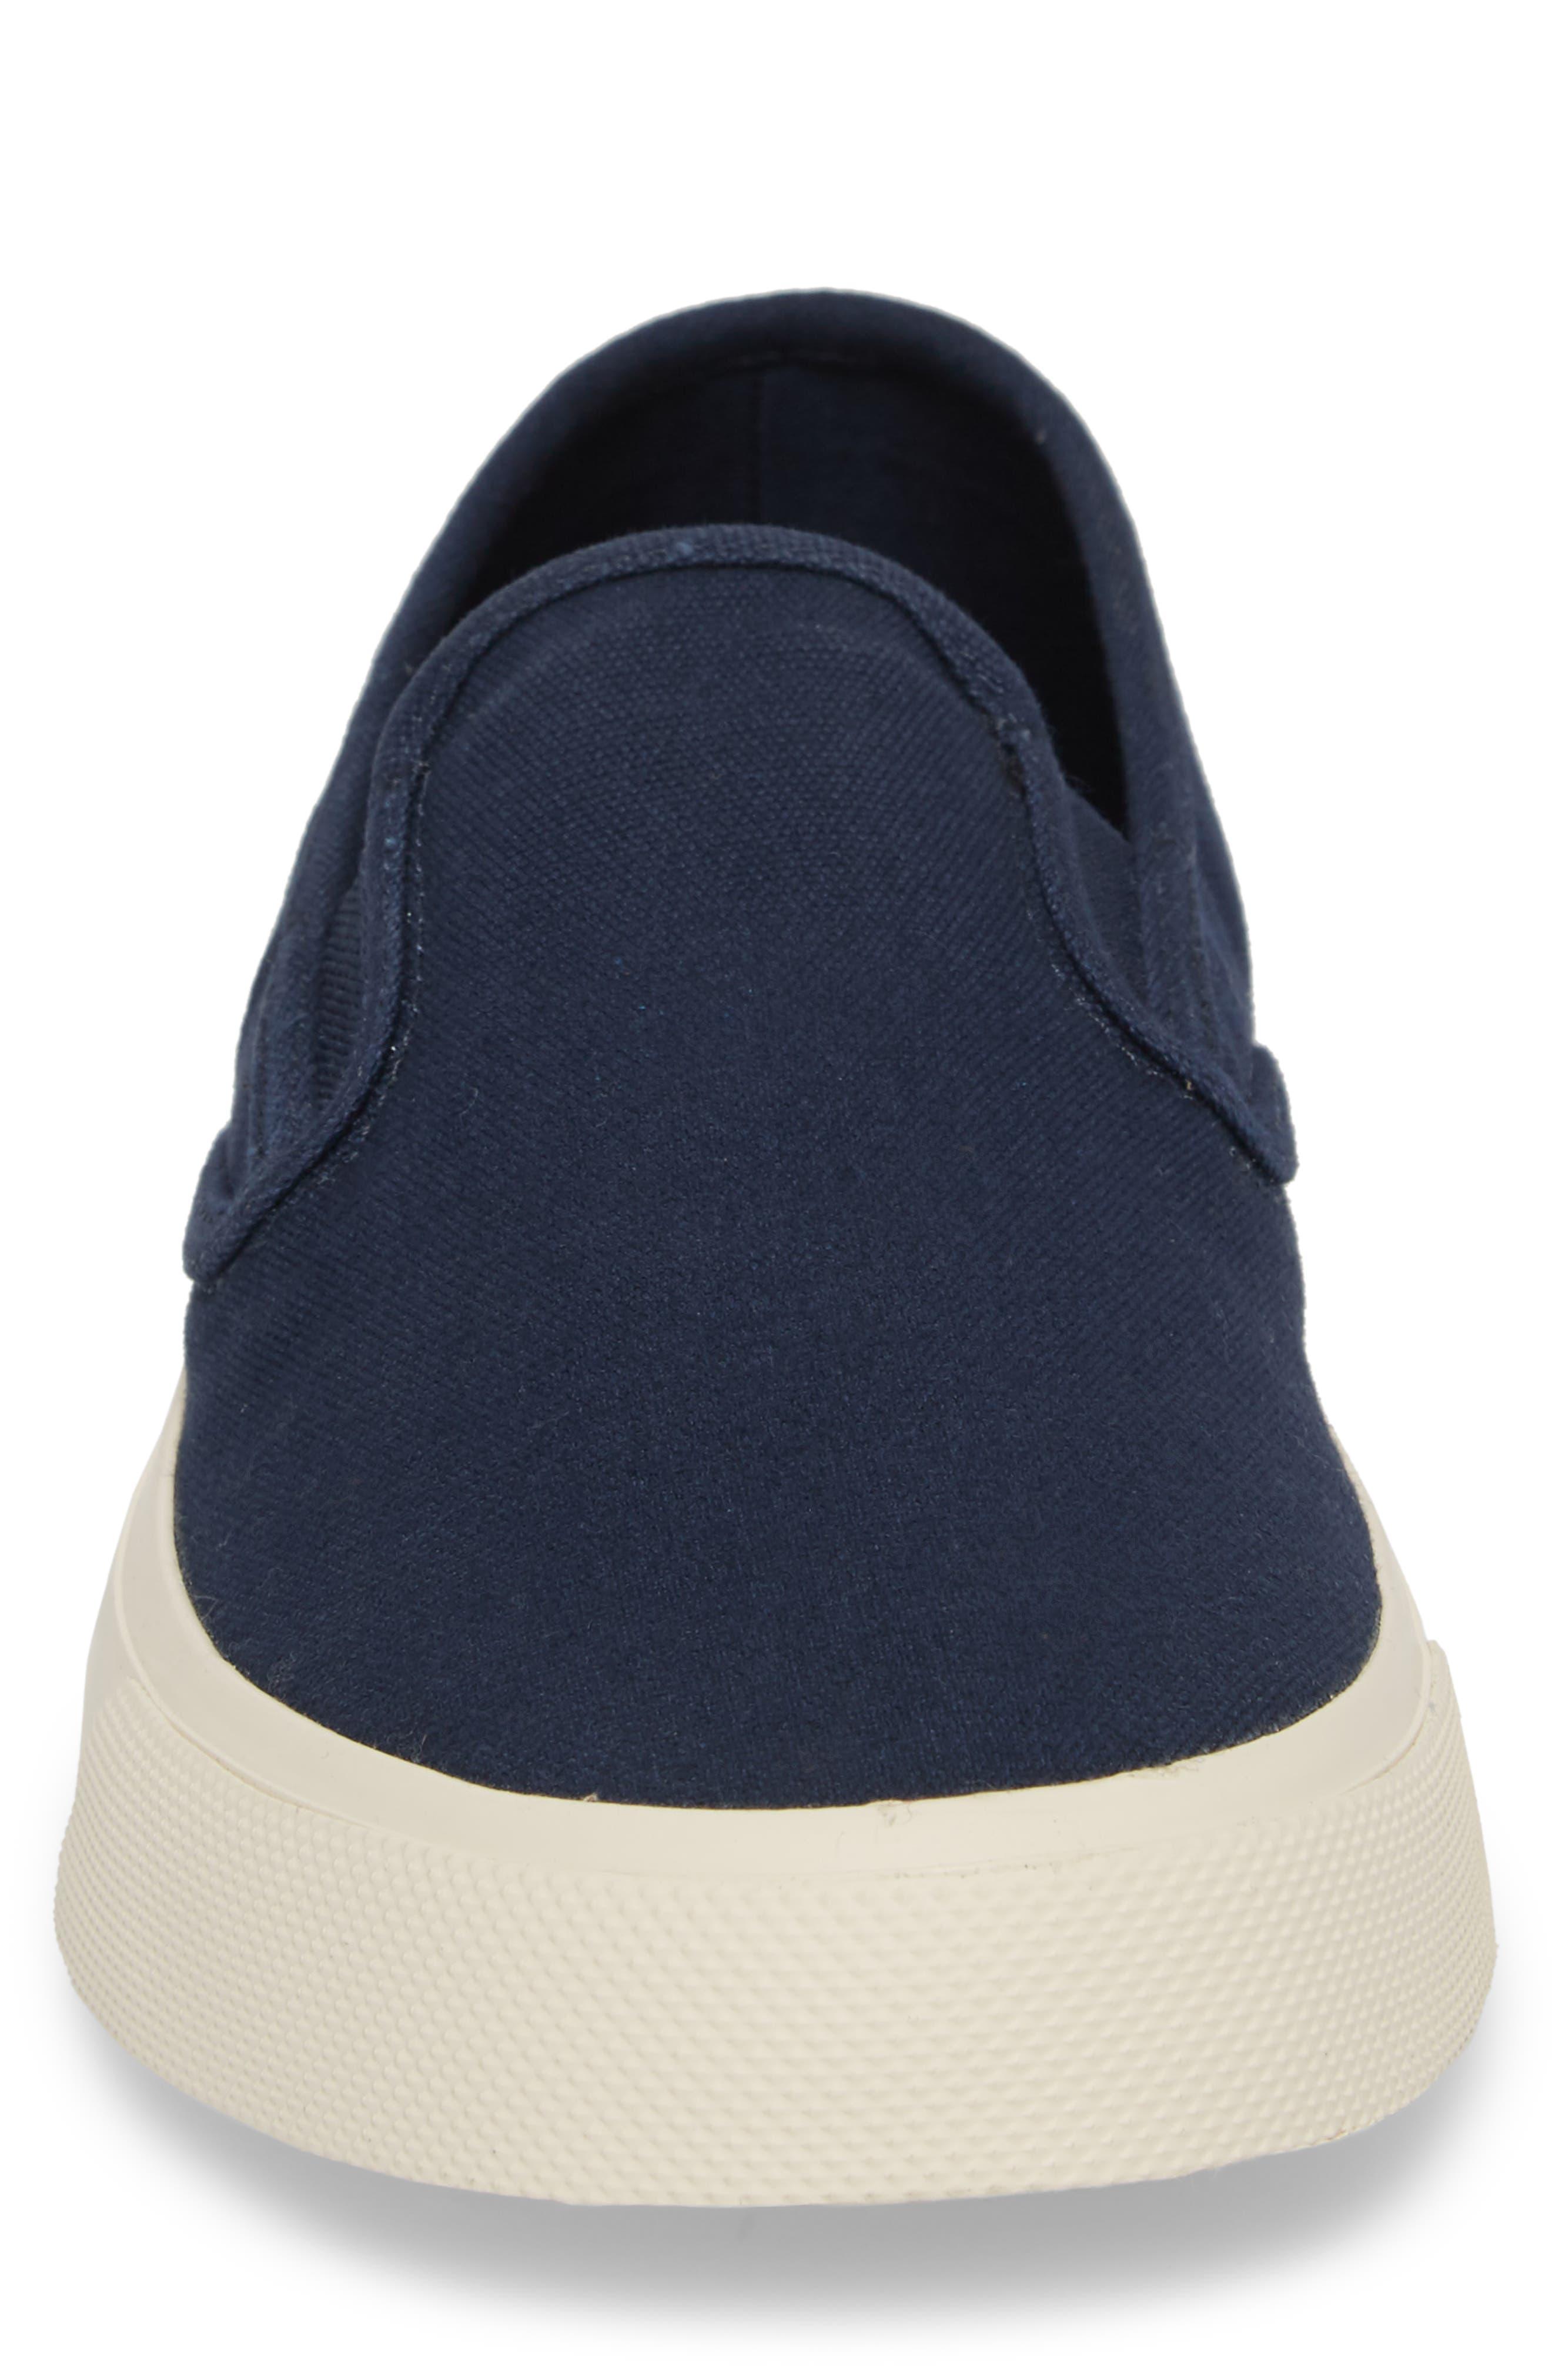 Striper II Slip-On Sneaker,                             Alternate thumbnail 4, color,                             Navy